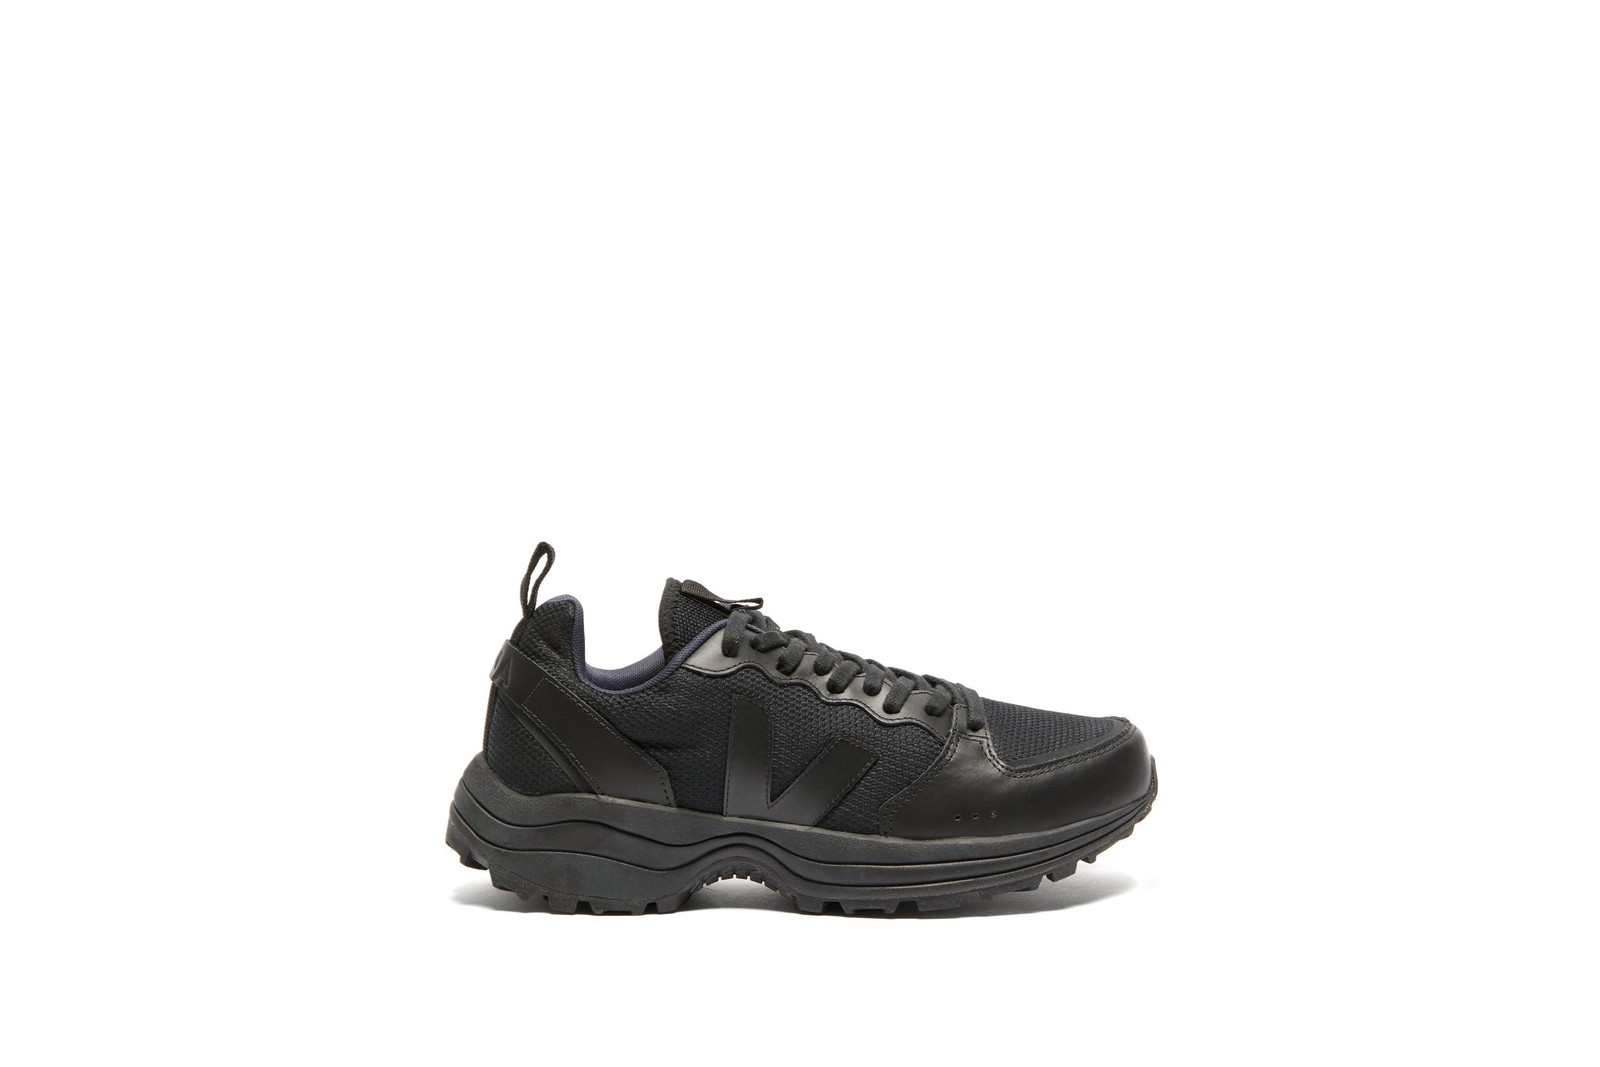 本日嚴選 9 款全黑運動鞋款入手推介